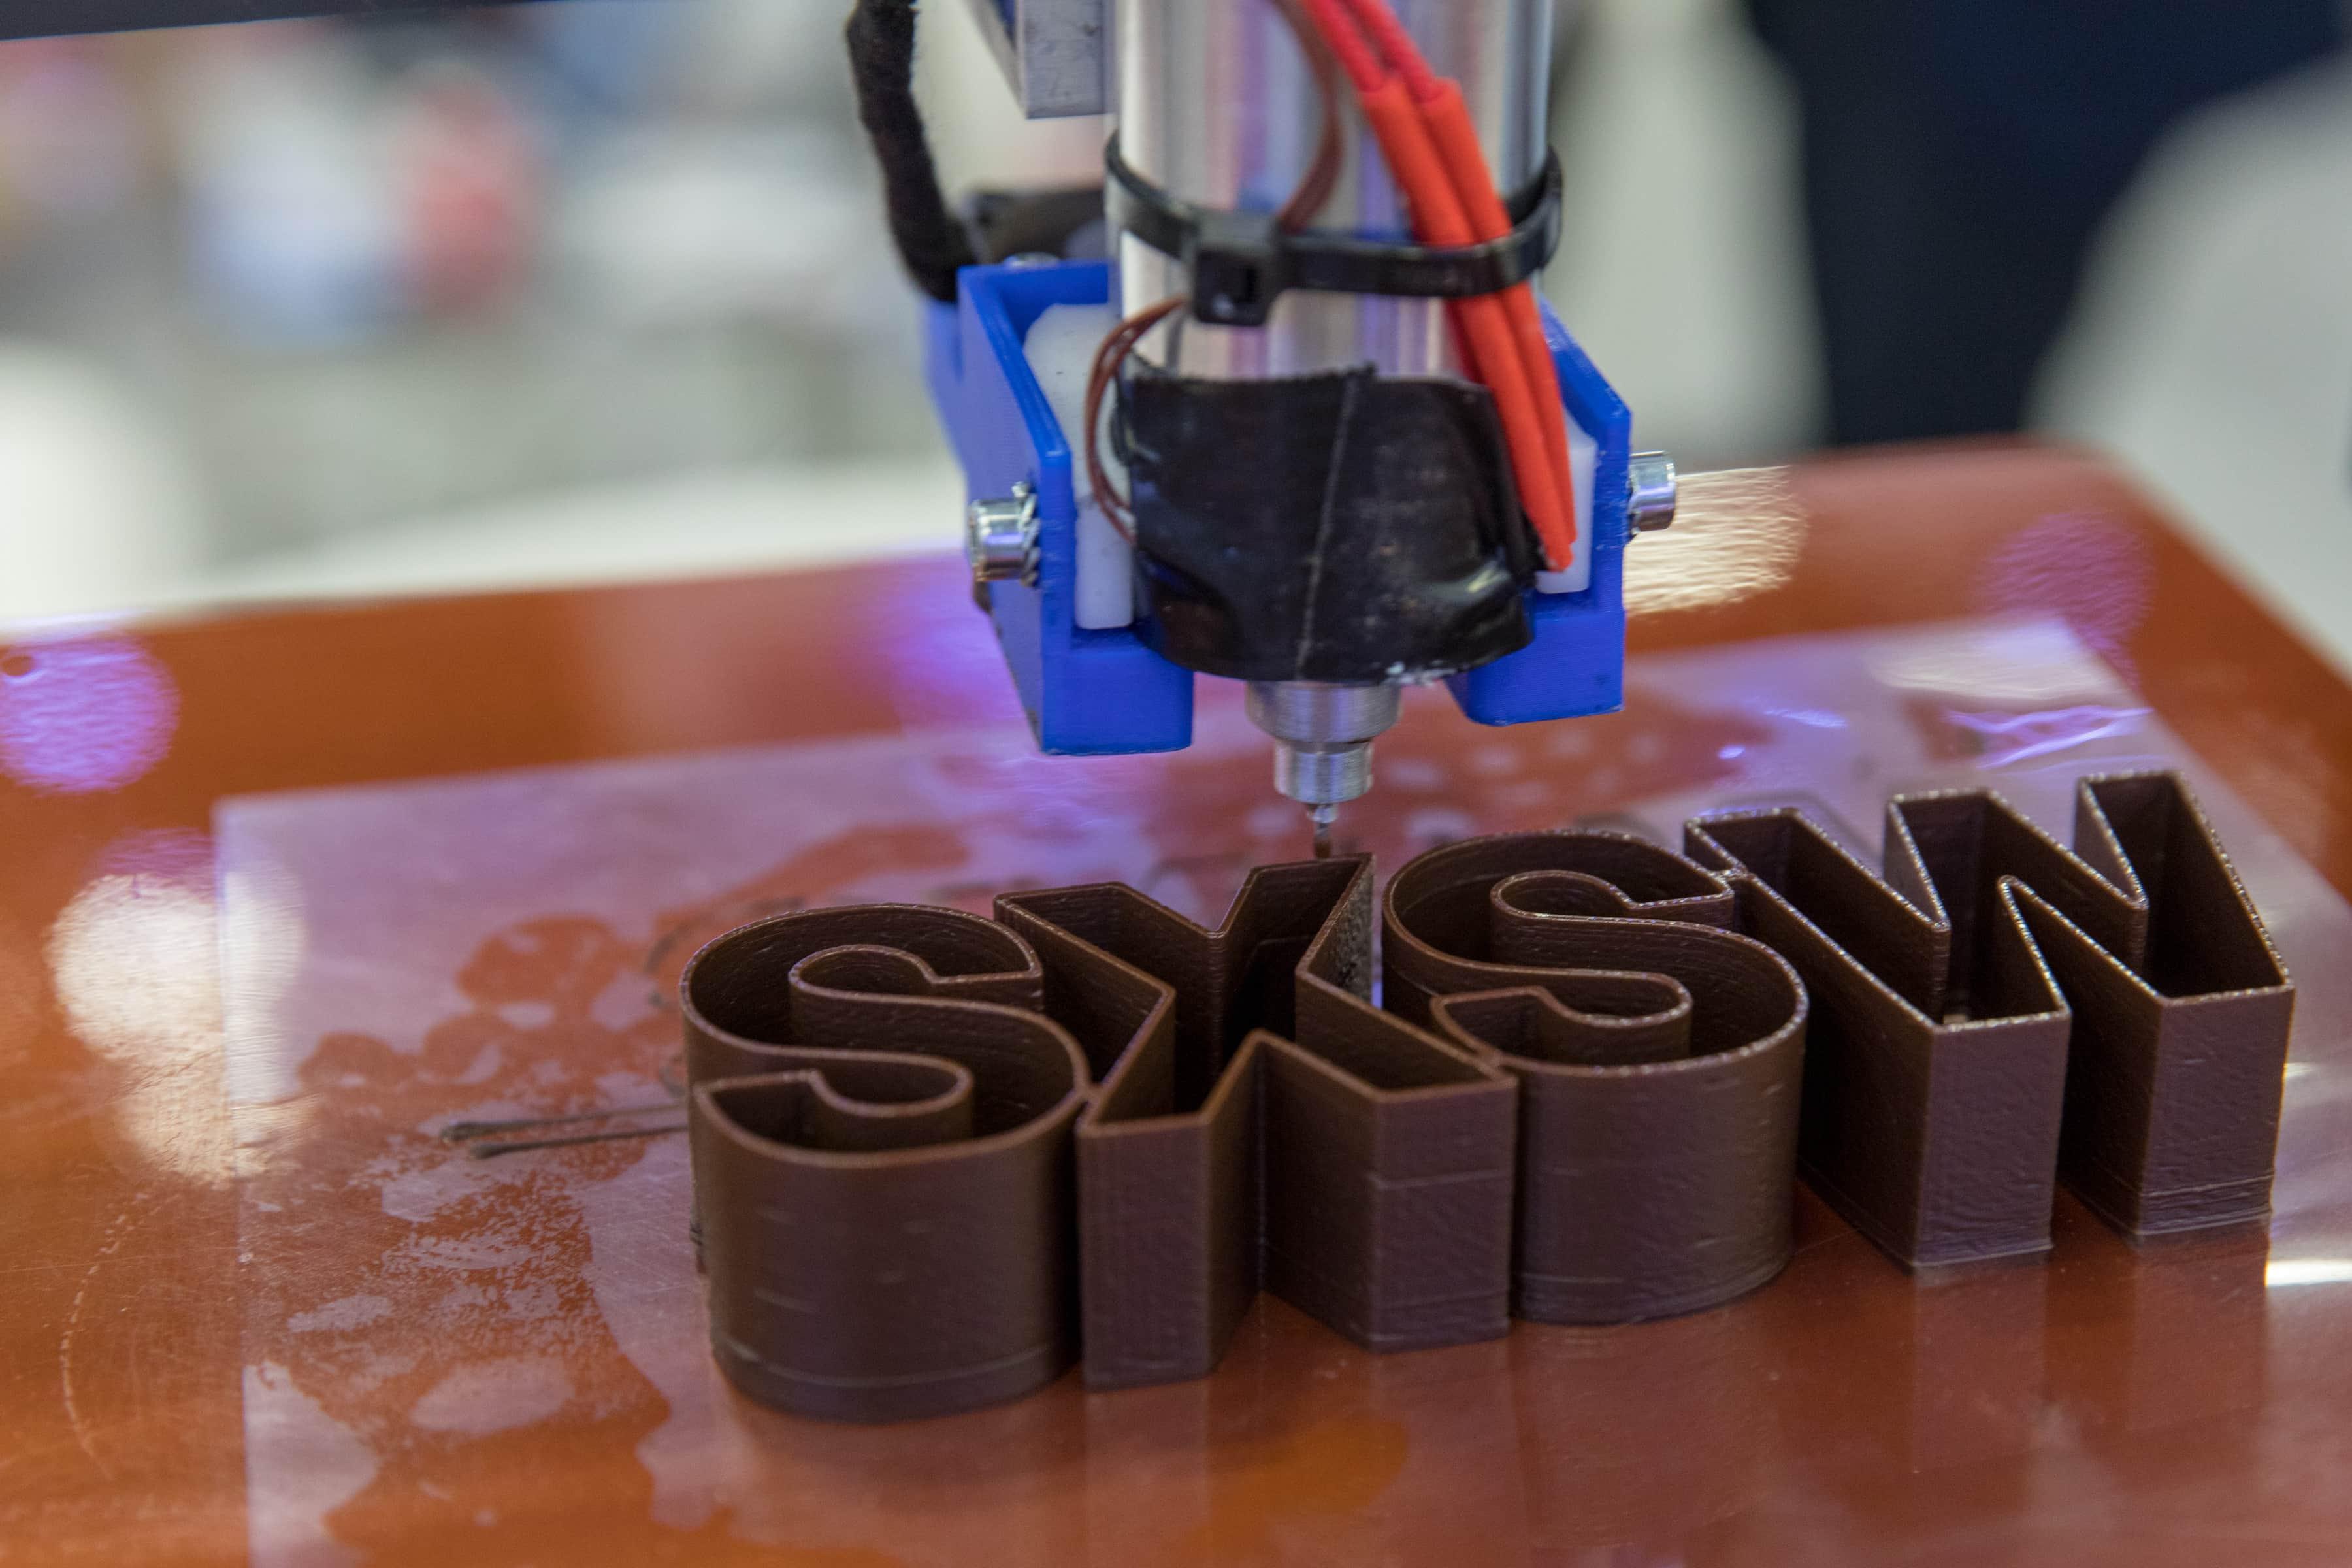 Un robot imprimant le logo de SXSW pendant la conférence tenue à Austin, au Texas. Photo par Cal Holman, gracieuseté de SXSW.